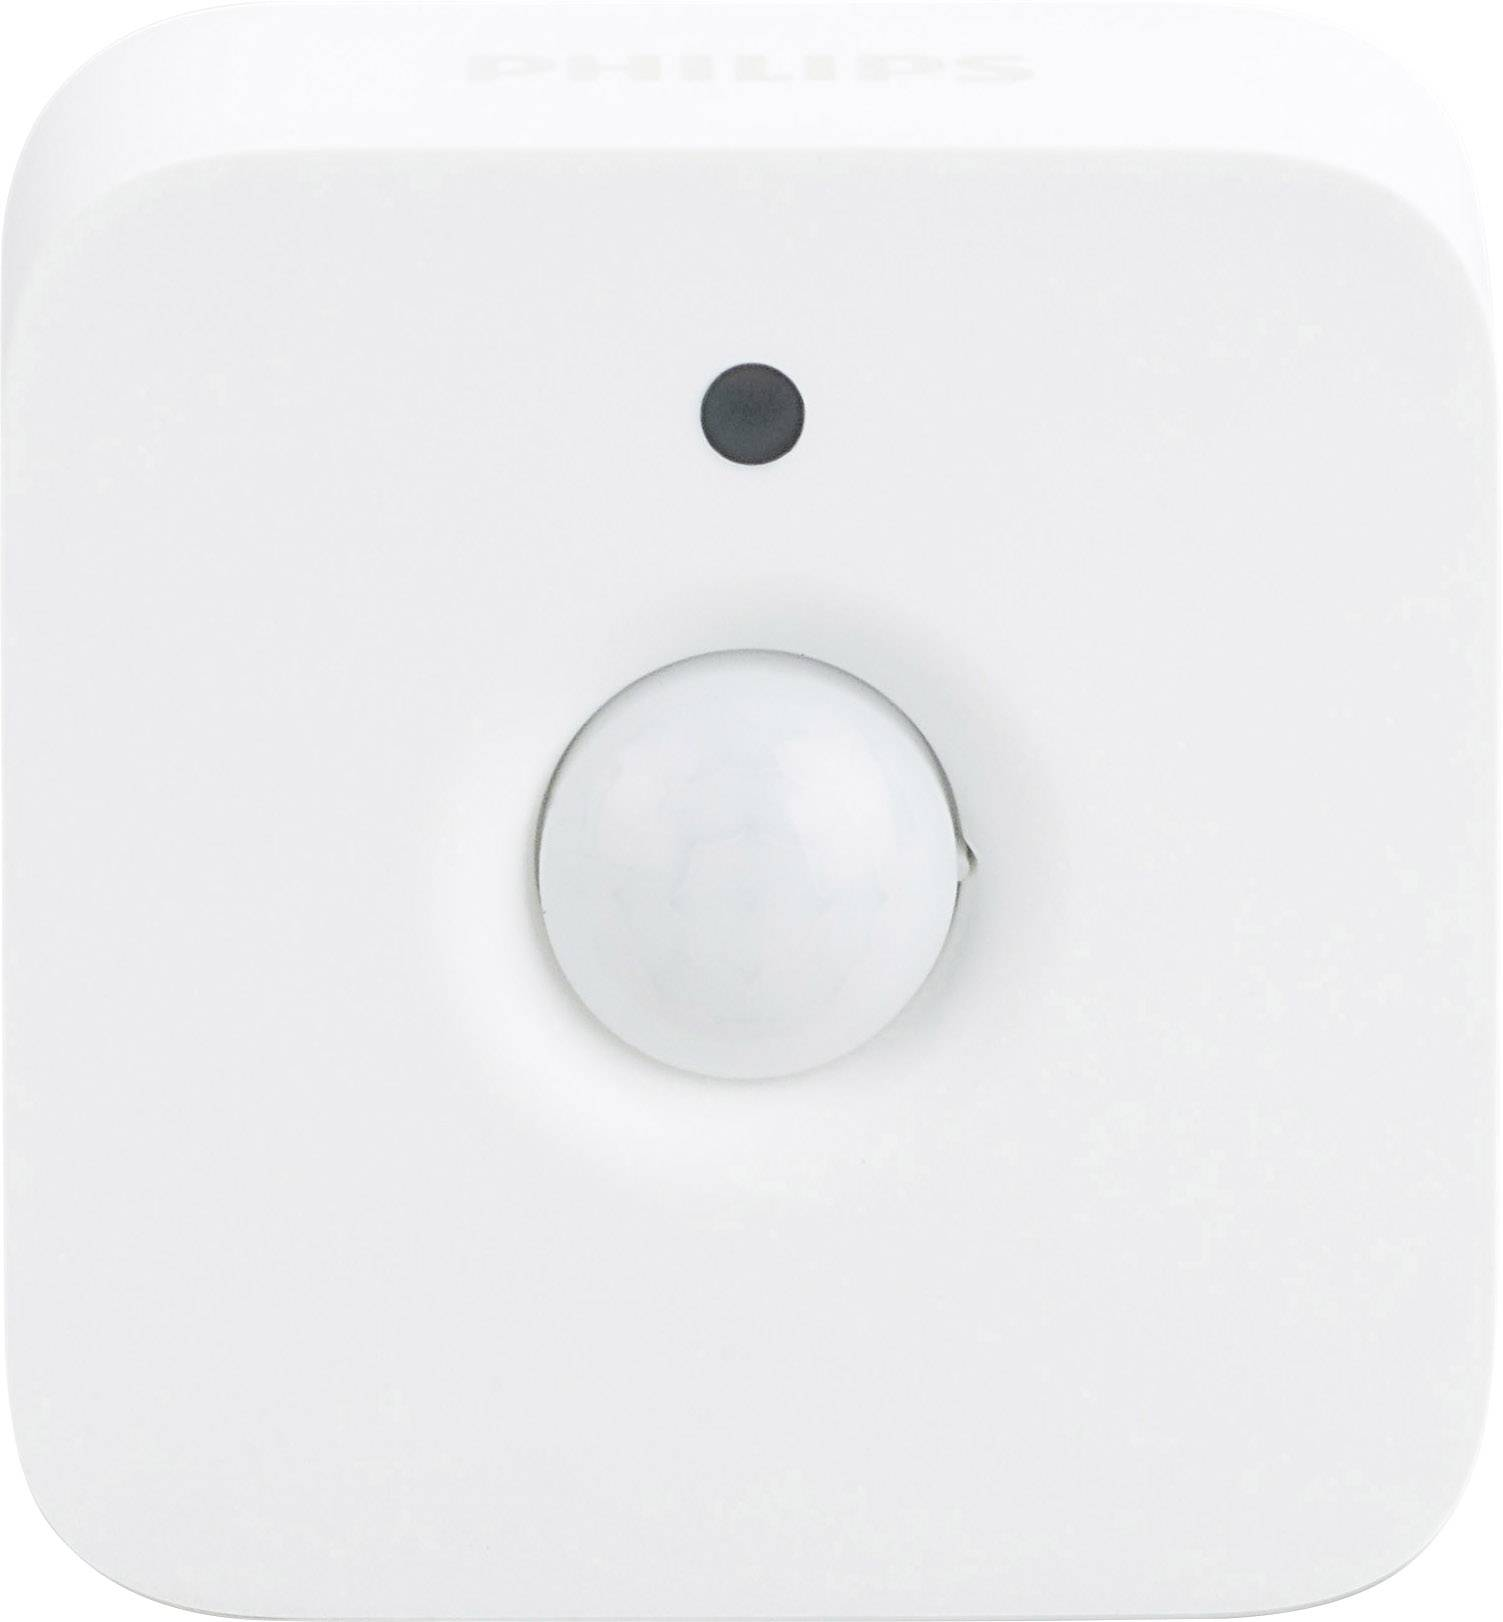 izdelek-philips-lighting-hue-brezzicni-senzor-gibanja-motion-sensor